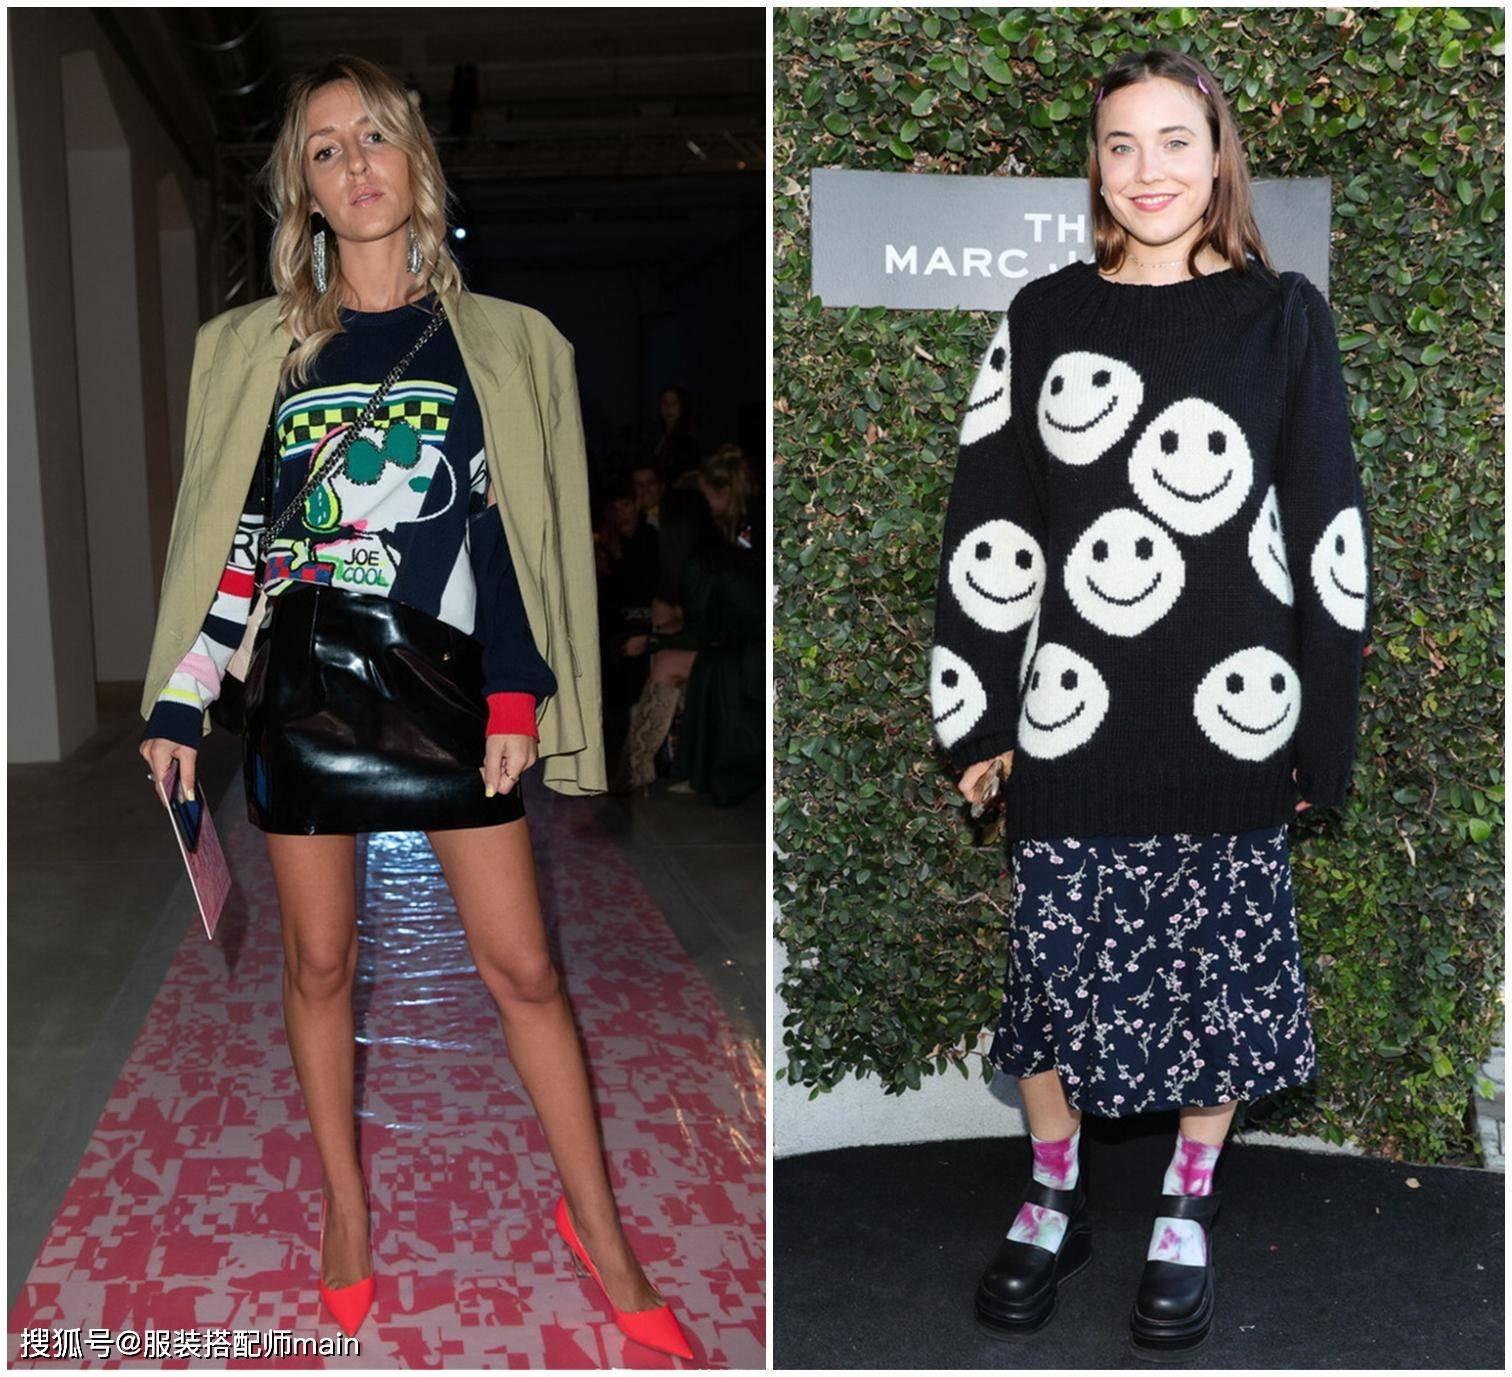 印花毛衣,春天穿正好,教你4个精致又时髦的穿搭思路